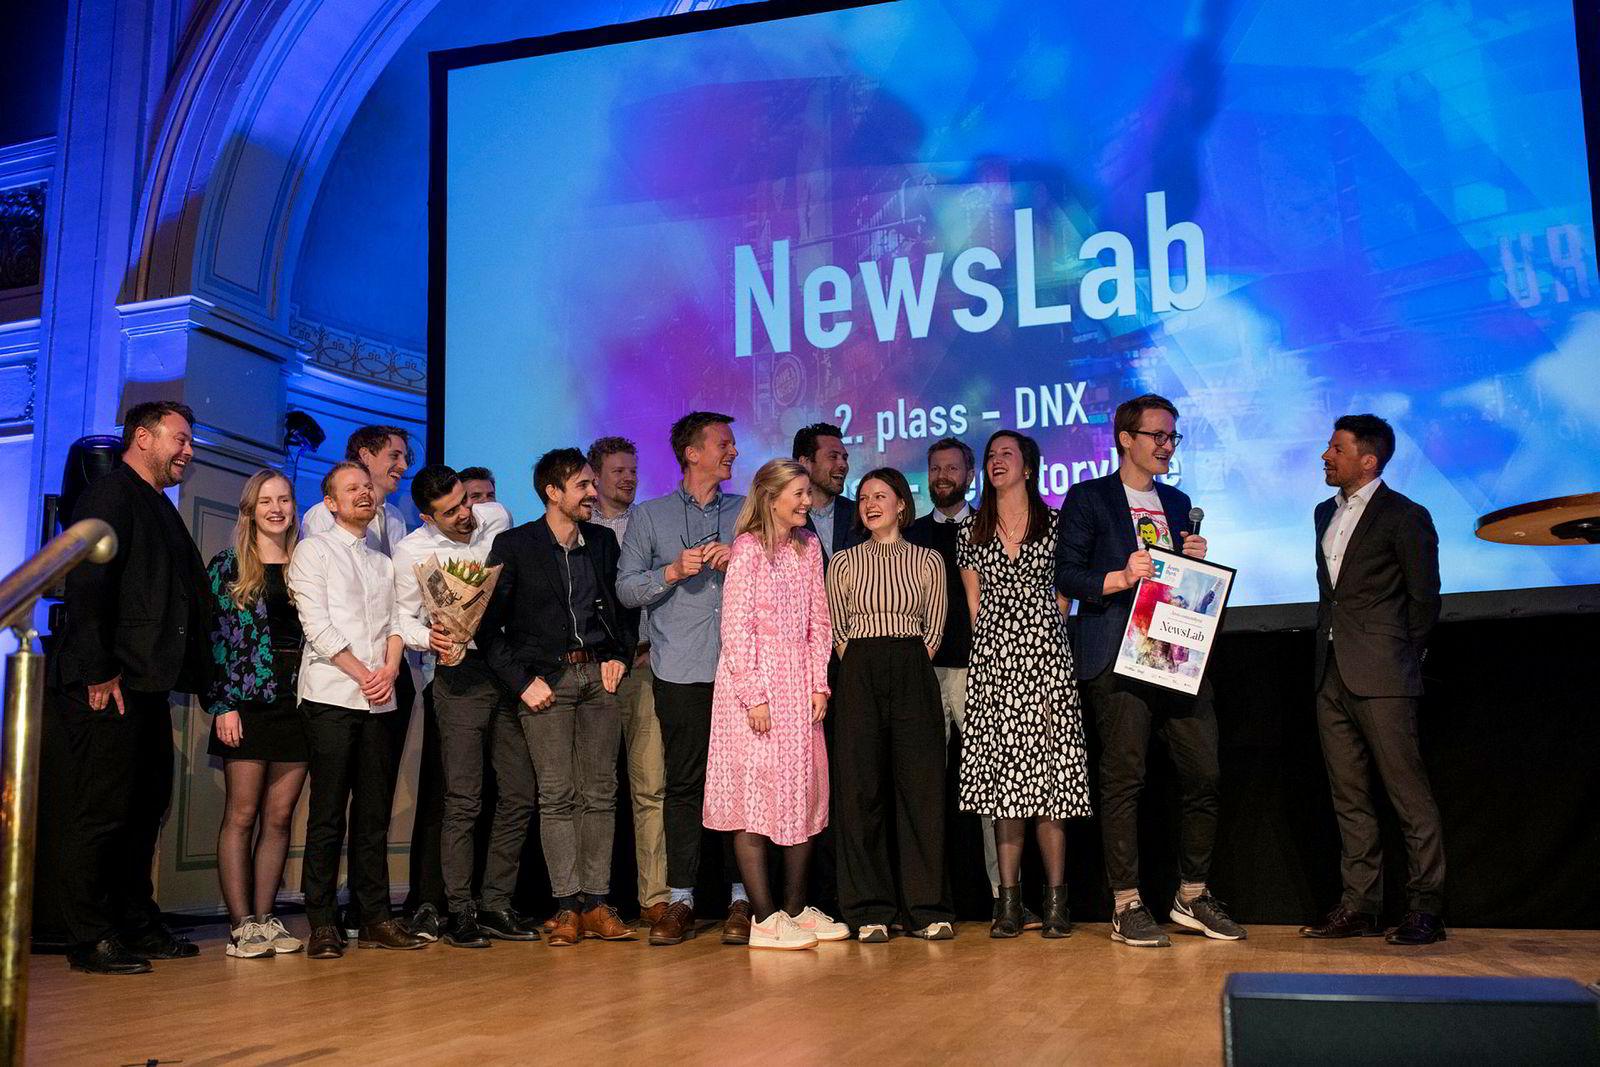 Newslab vant årets contentbyrå.